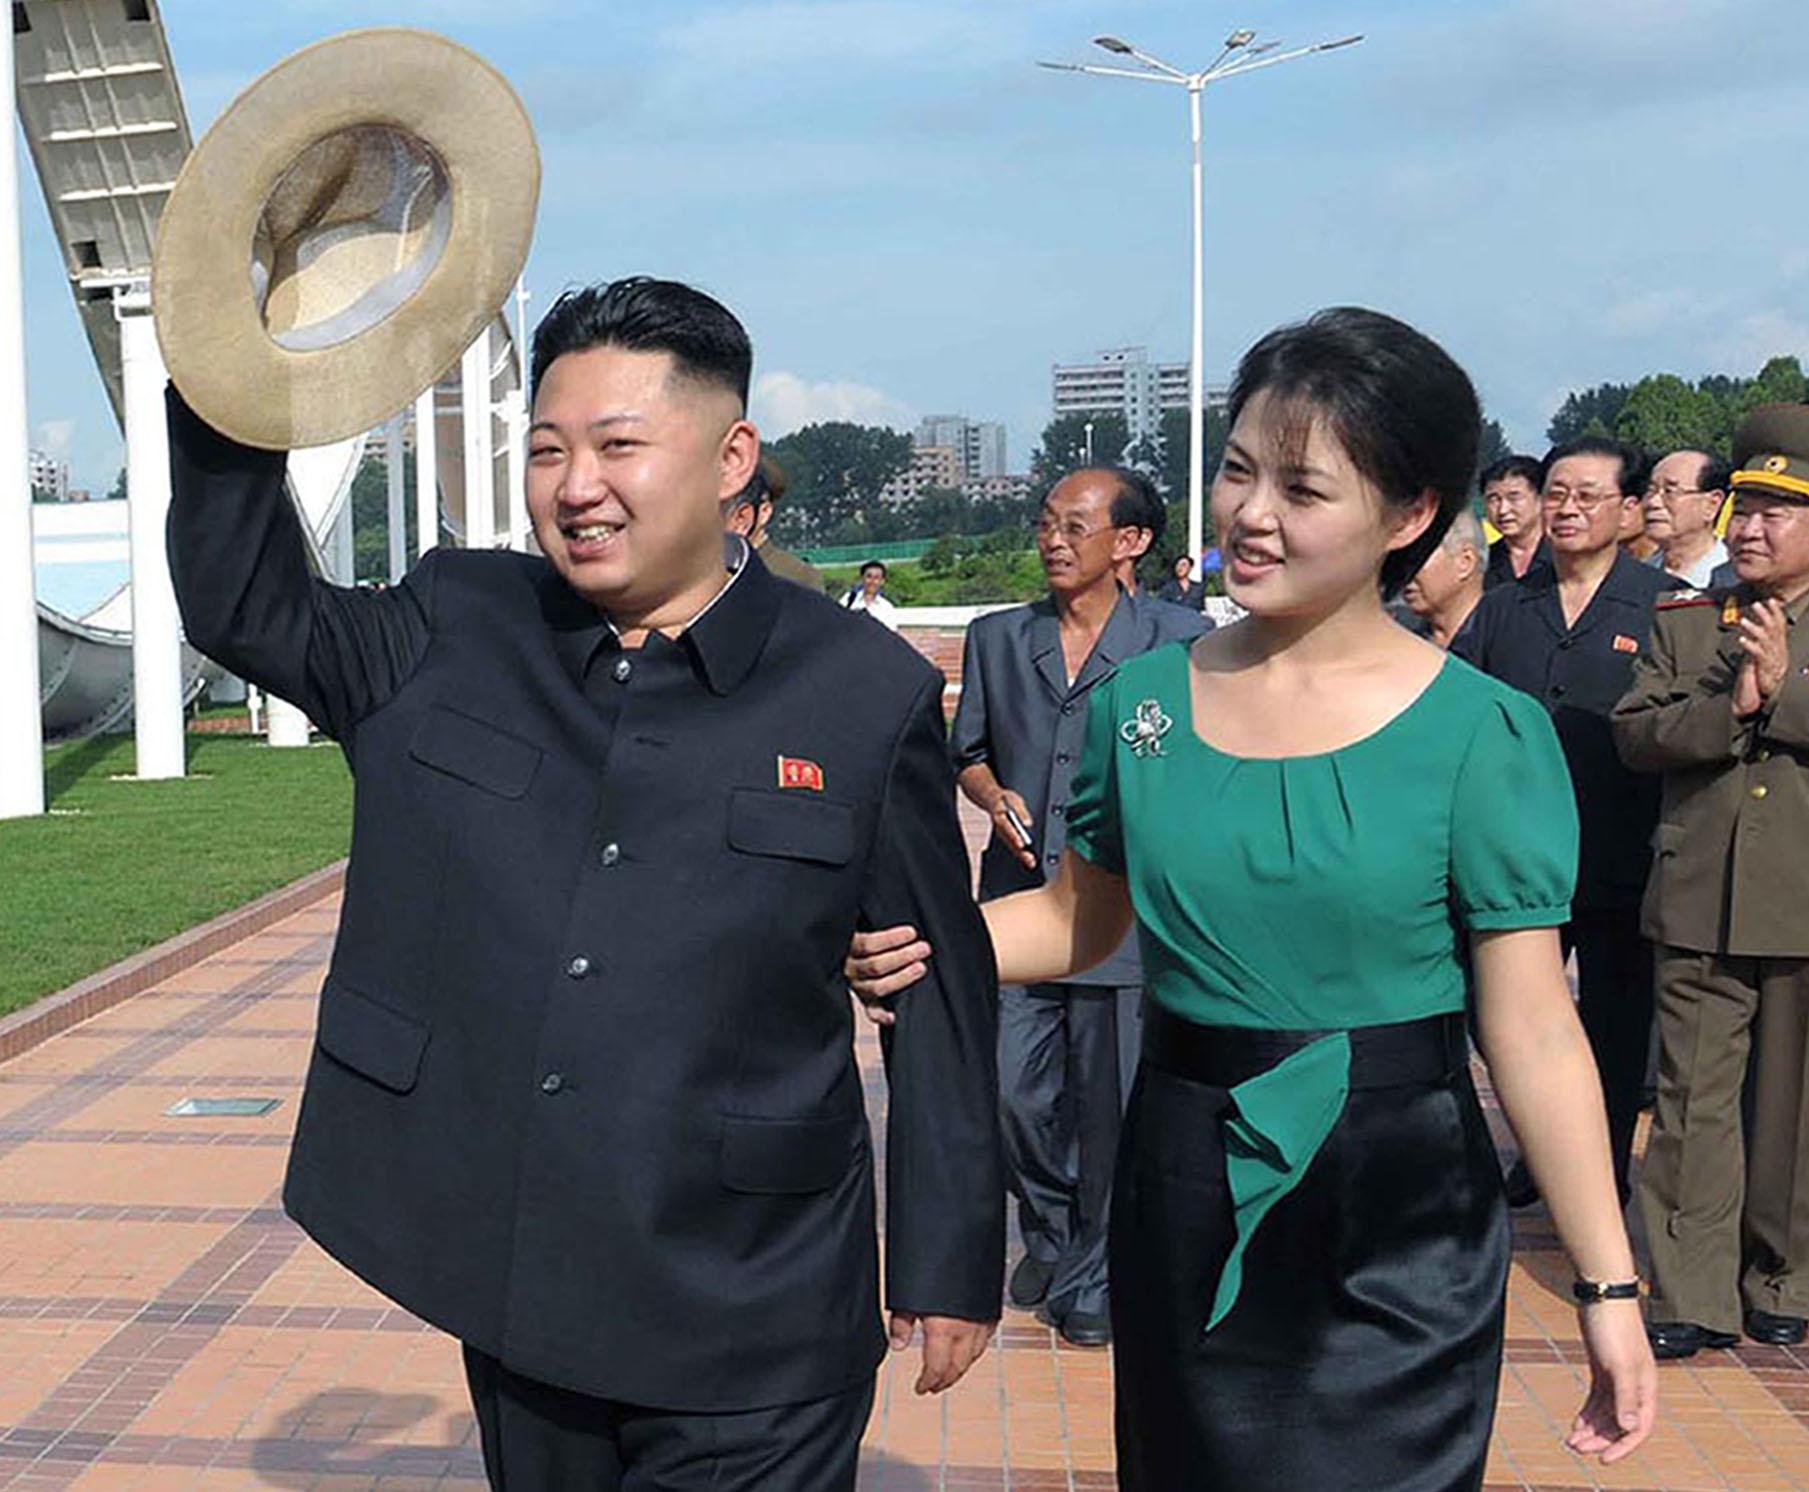 김정은이 2012년7월 부인 이설주와 함께 평양 능라인민유원지를 방문한 모습. 북한은 이때 처음으로 '부인 이설주 동지'로 호칭해 김정은의 부인임을 공개했다. [중앙포토]